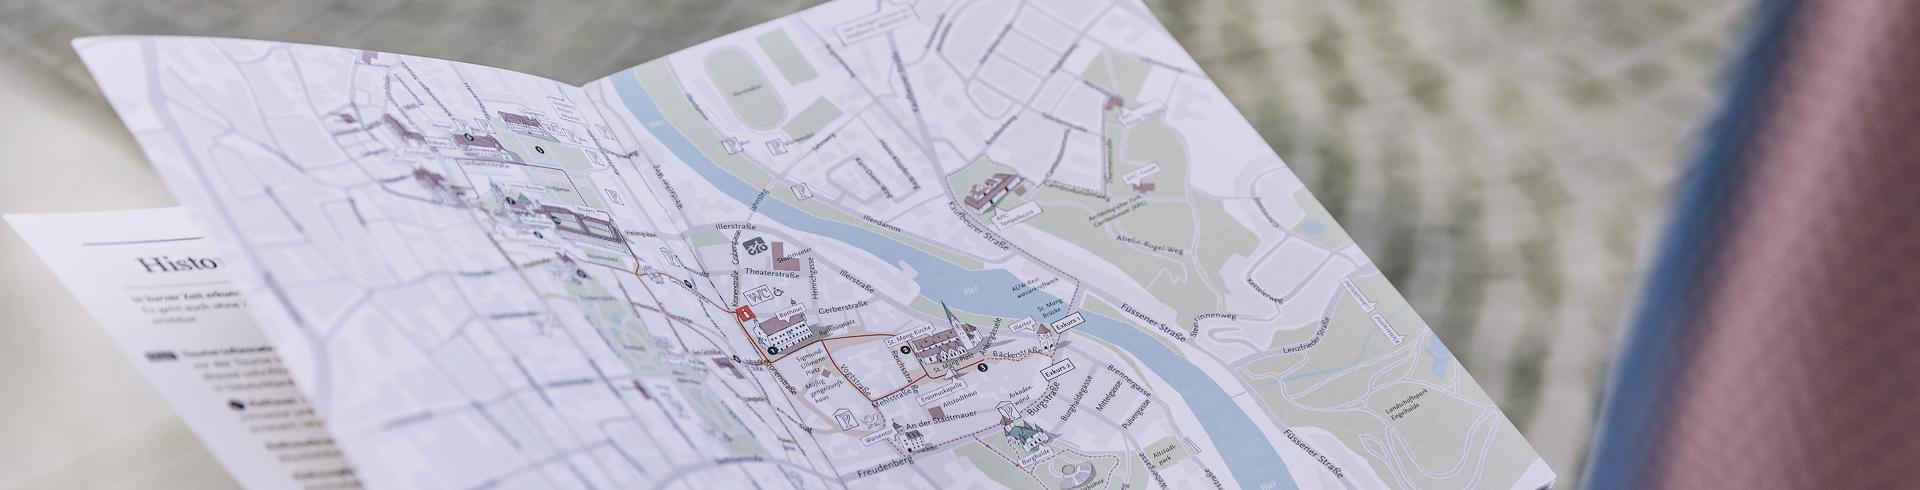 Detailaufnahme des Prospekts Schöne Zeit in Kempten